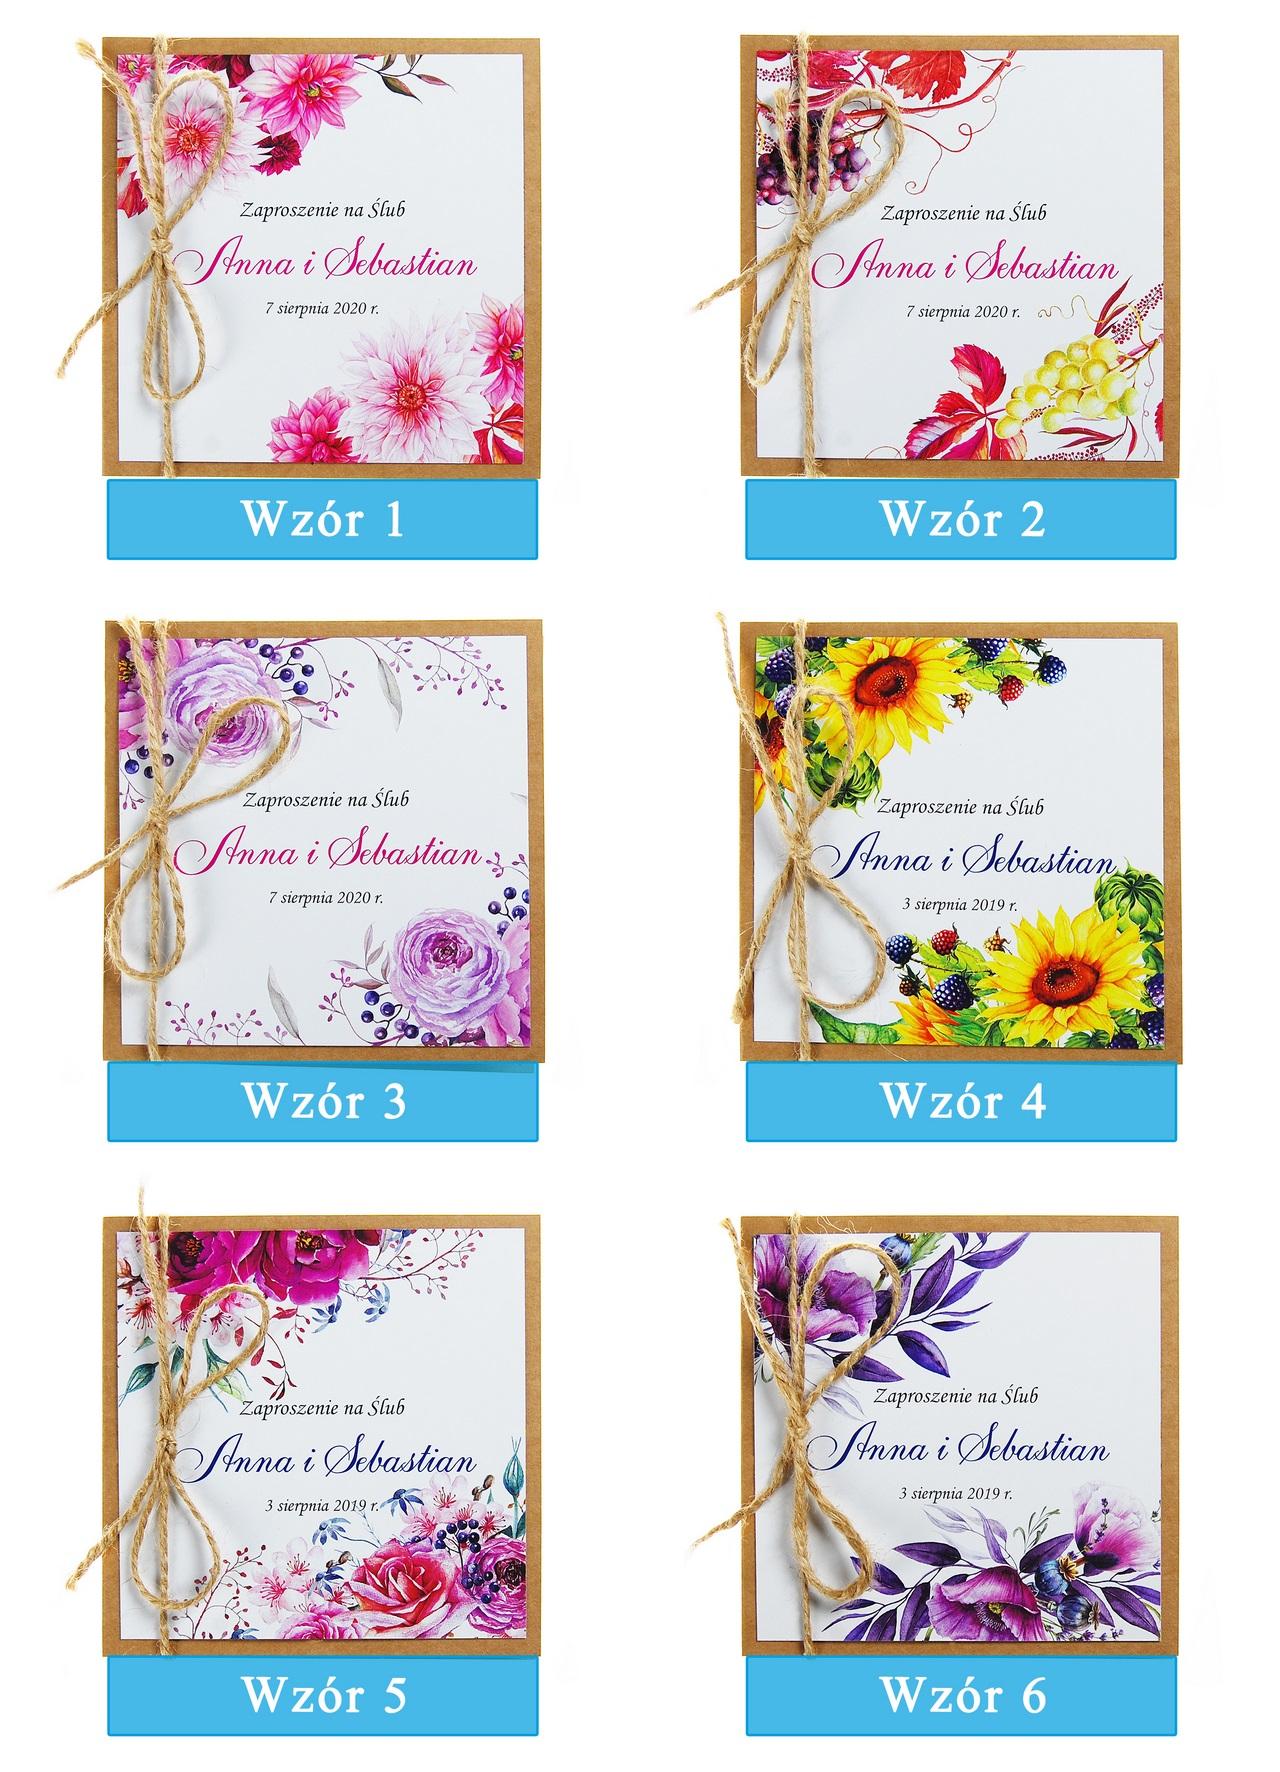 zaproszenia-ślubne-boho-rustykalne-kwiatowe-Nikola3-ze-sznurkiem-eko-klejone-front-na-białym-papierze-plansza-wzory1-6